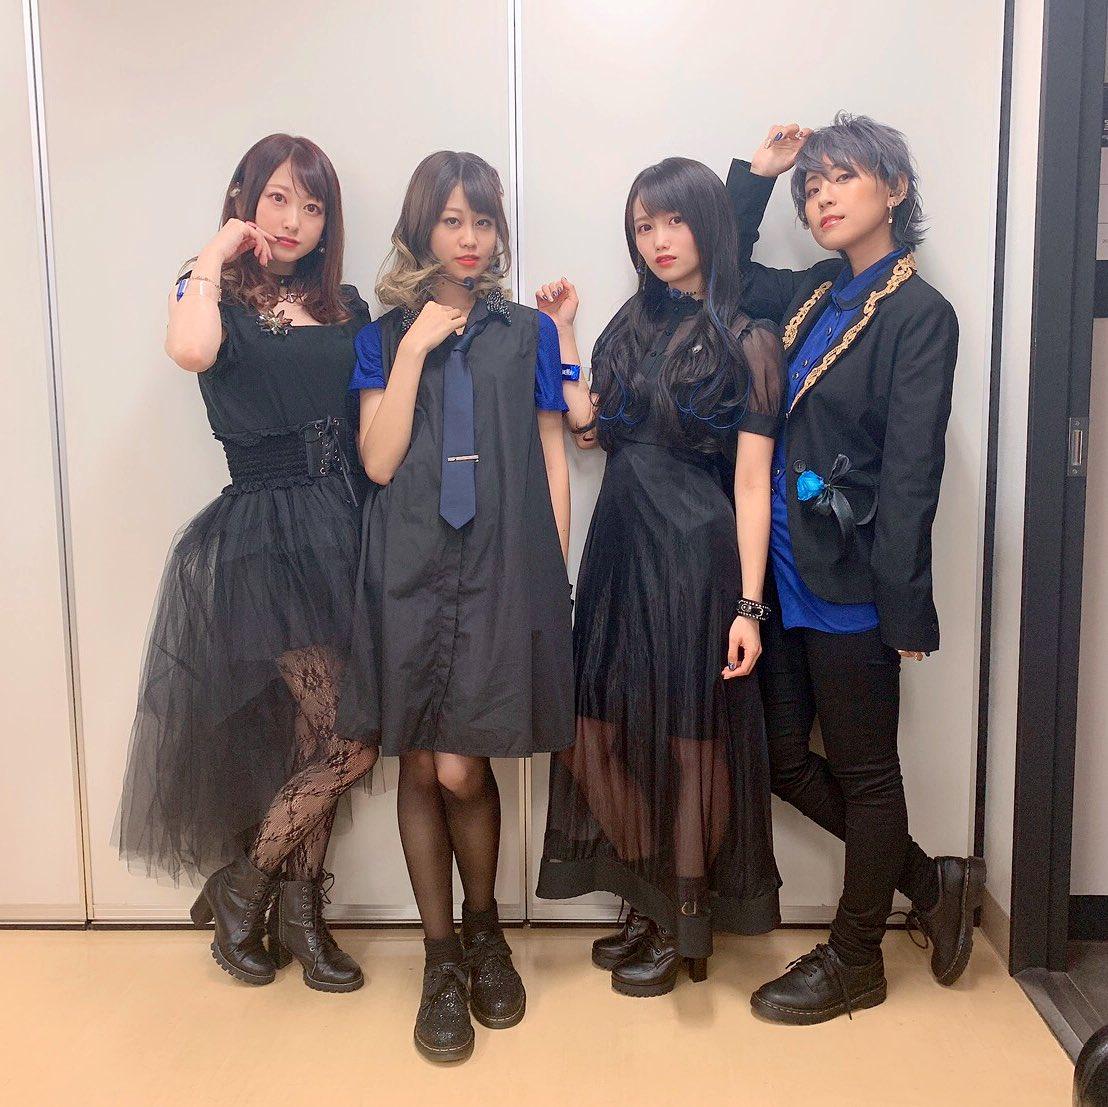 #D4DJ 2nd LIVE-Nonstop Night-ありがとうございました☺️やっぱり #燐舞曲 はライブ!最高にぶち上がりました!!ステージからだと、上の2人は見えないんだけど、この4人で生きてるって感じがしました。コンテンツの今後の展開全て楽しみです!!渚、お疲れ様🎸💕